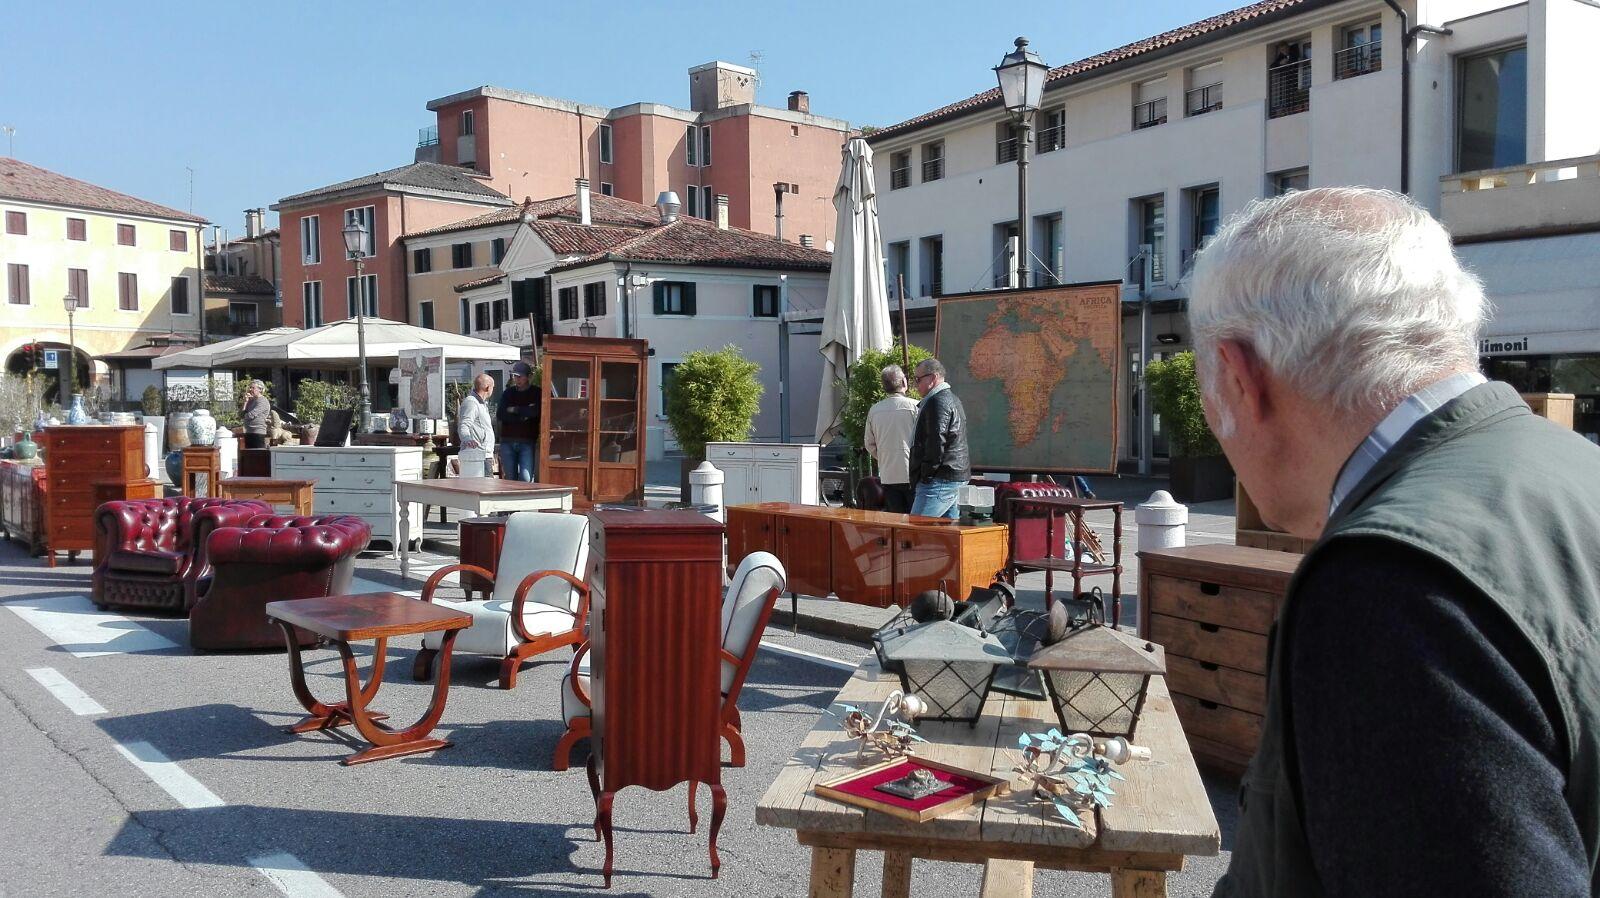 Domenica torna il mercatino d antiquariato di mirano con for Mercatini antiquariato 4 domenica